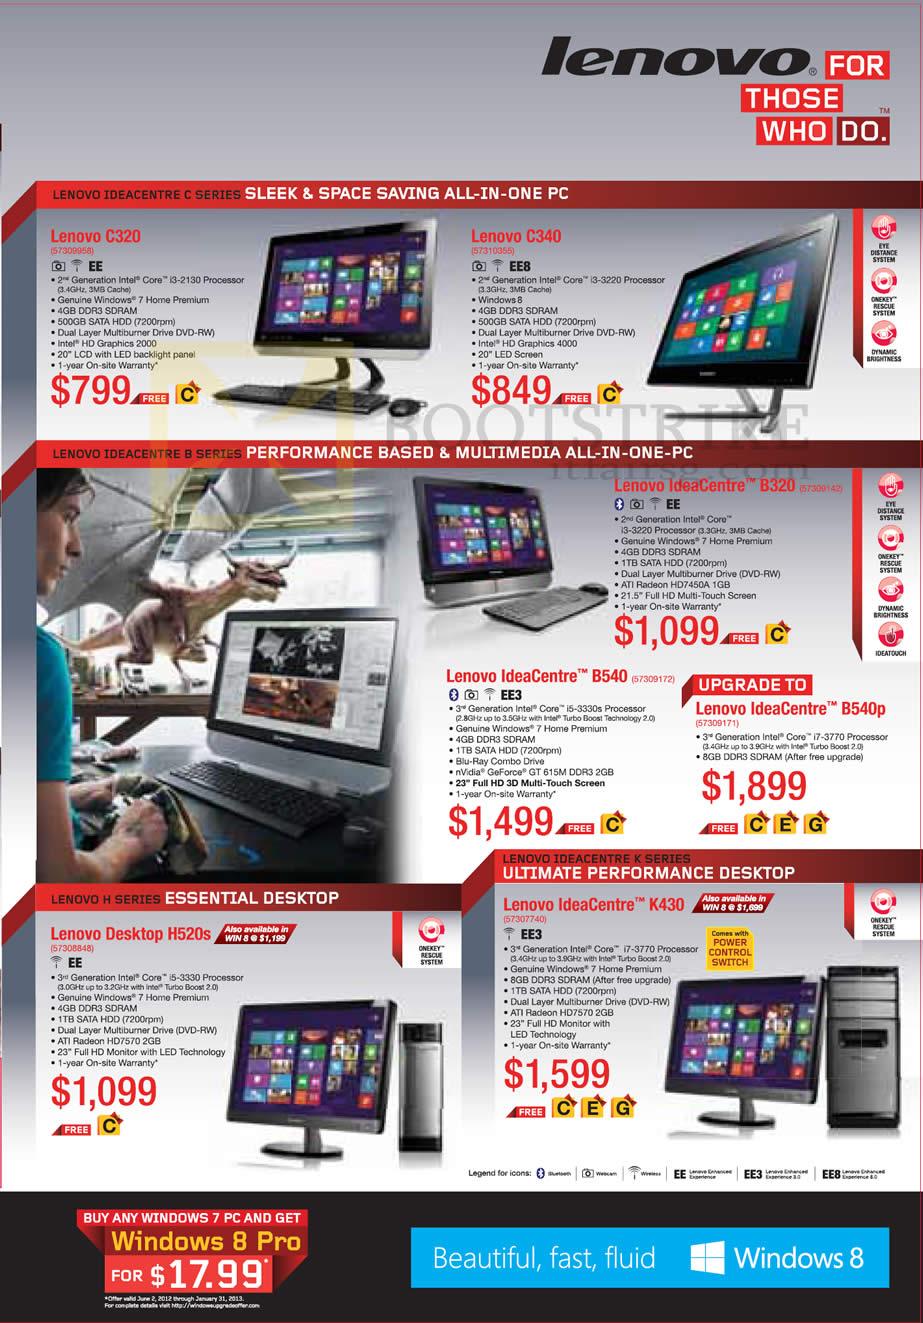 SITEX 2012 price list image brochure of Lenovo Desktop PCs AIO C320, C340, IdeaCentre B320, B540, H520s, K430